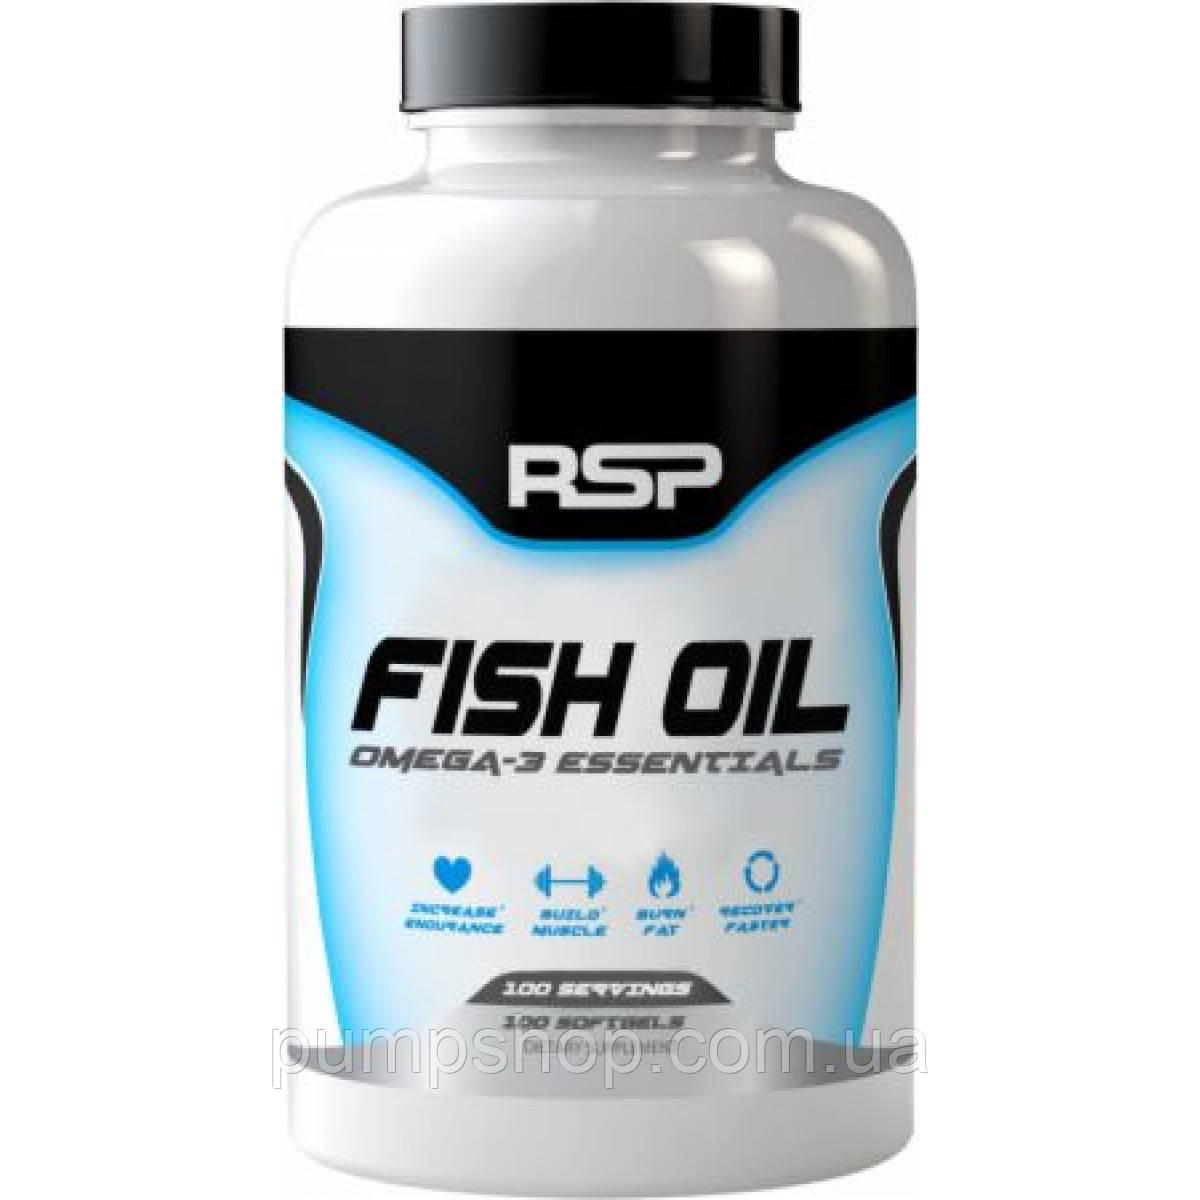 Омега-3 RSP Nutrition Fish Oil - 60 порц. (900 мл омеги-3 на капсулу)